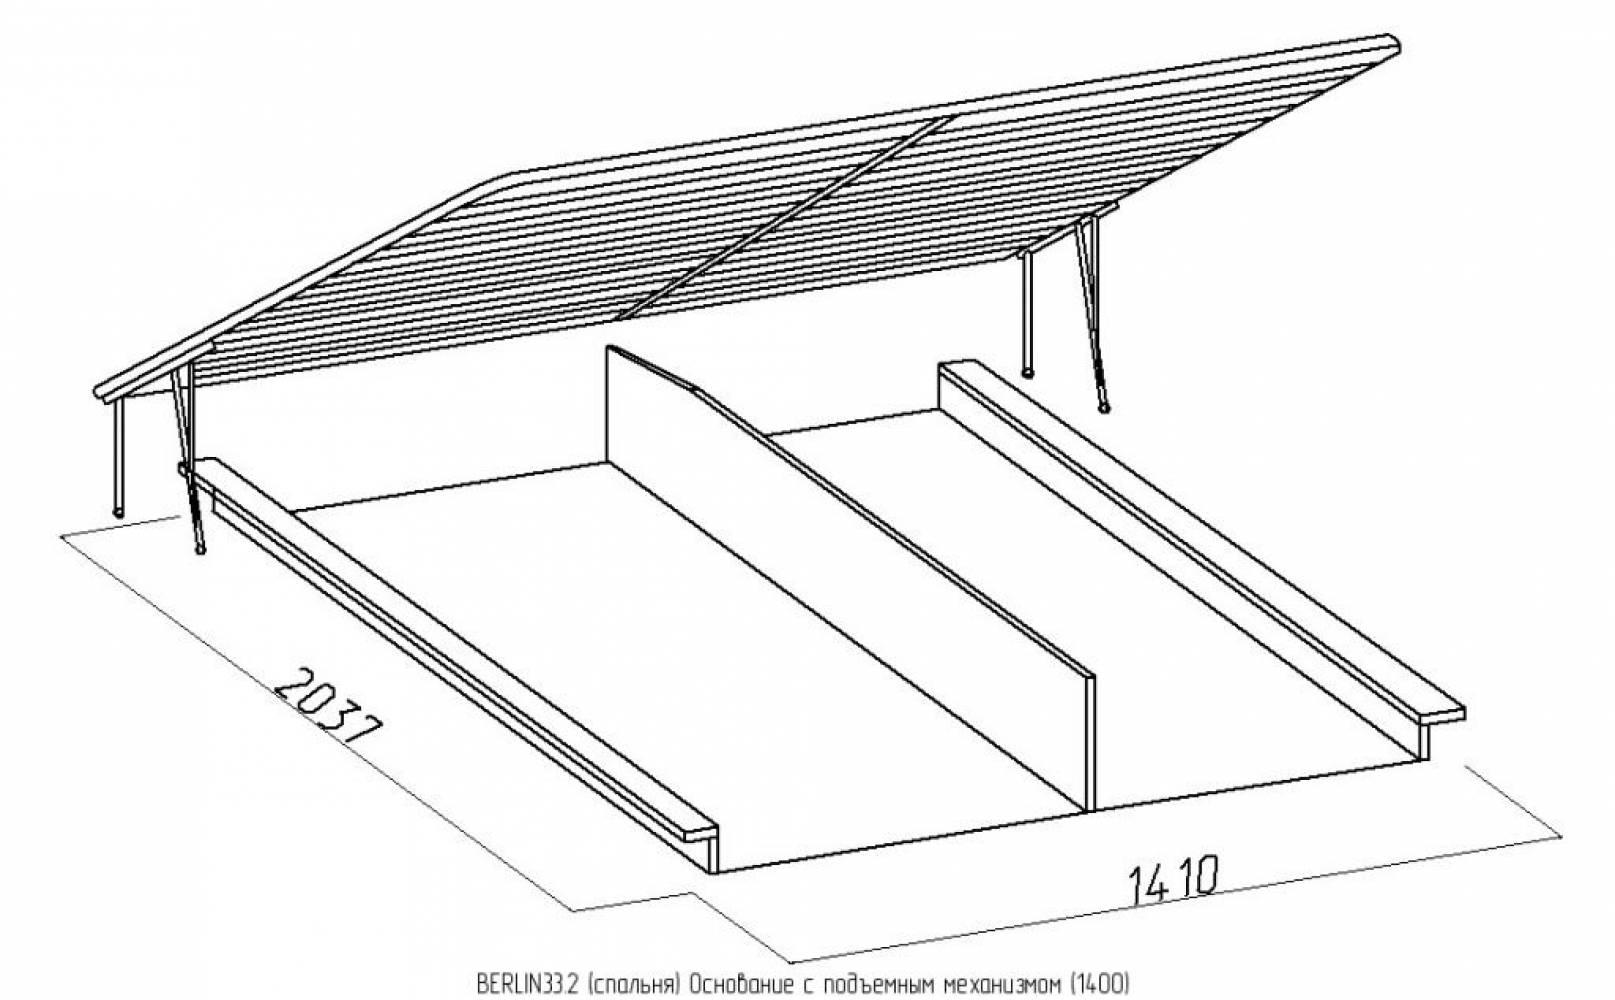 BERLIN33 Кровать (1400) + BERLIN33.2 Основание с подъемным механизмом (1400), Сонома